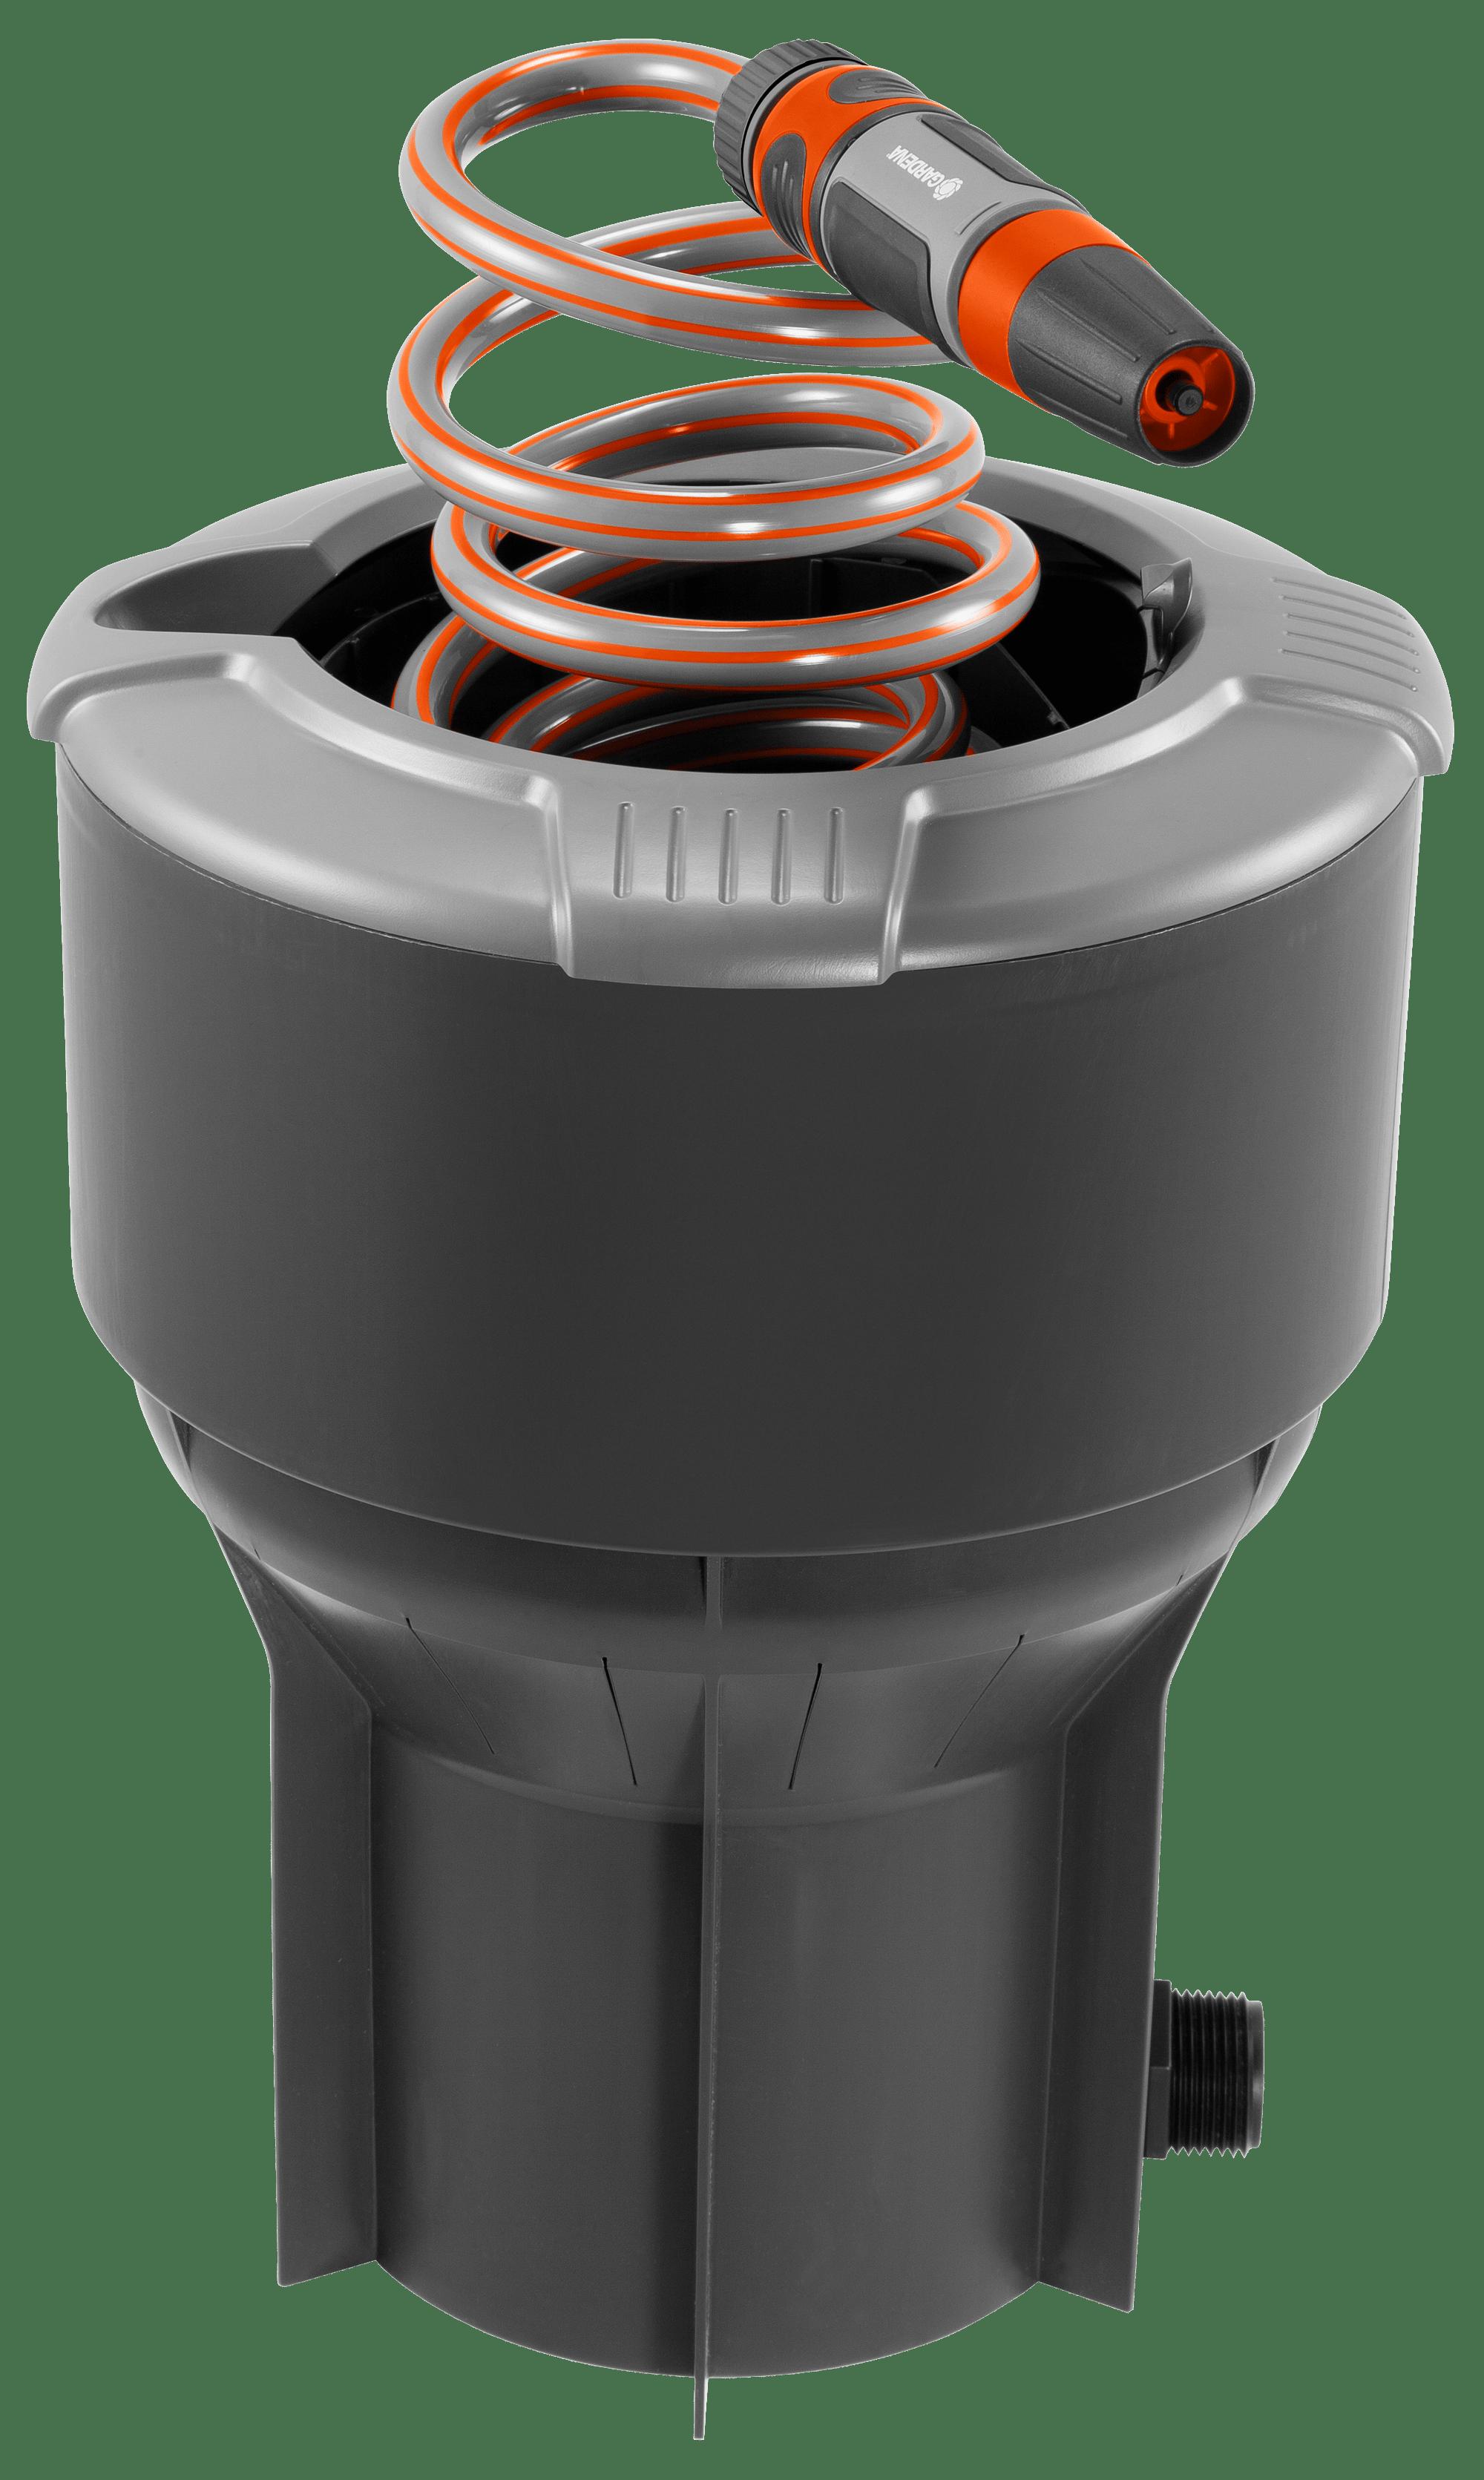 Gardena Sprinklersystem Spiralschlauchbox8253-20